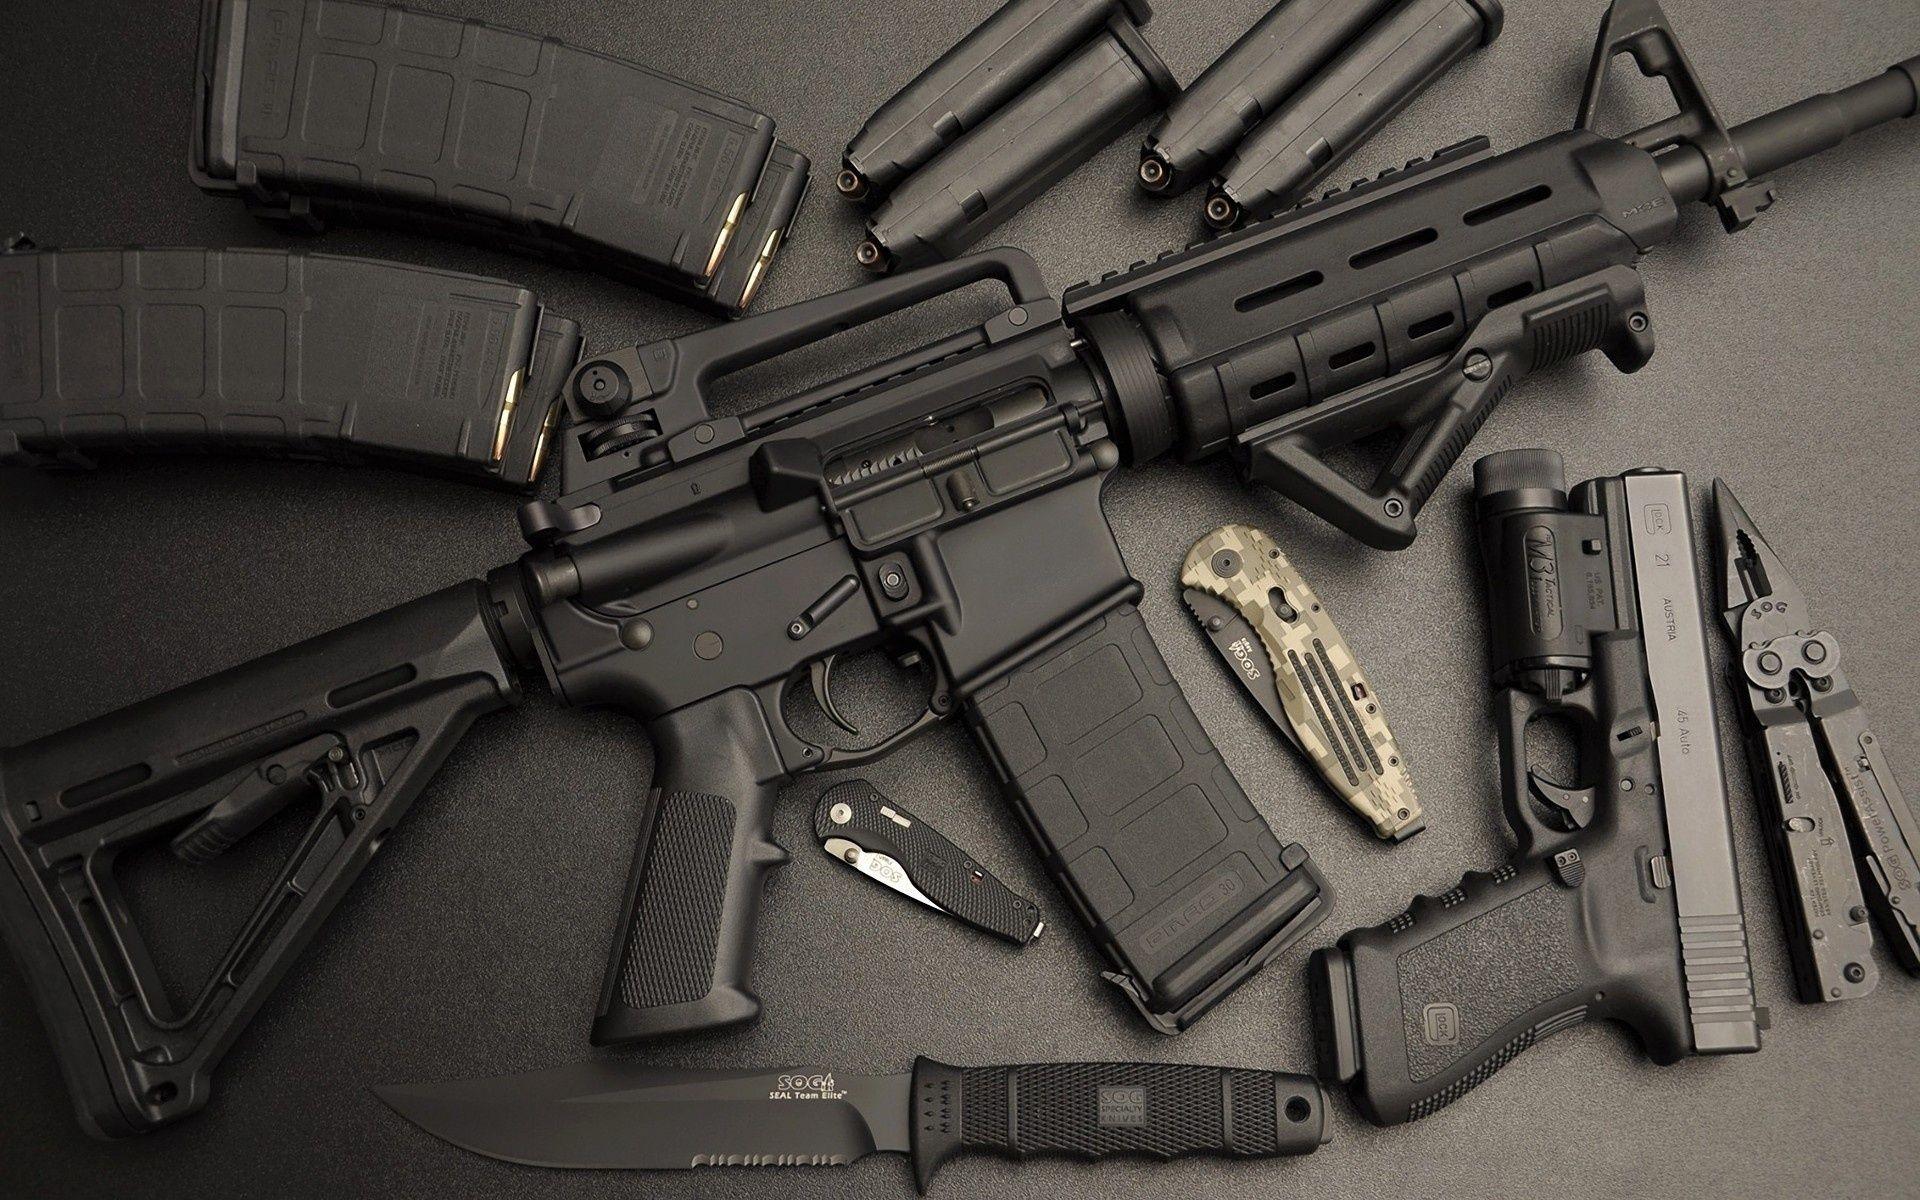 Res: 1920x1200, Glock Pistol Wallpapers 17 - 1920 X 1200